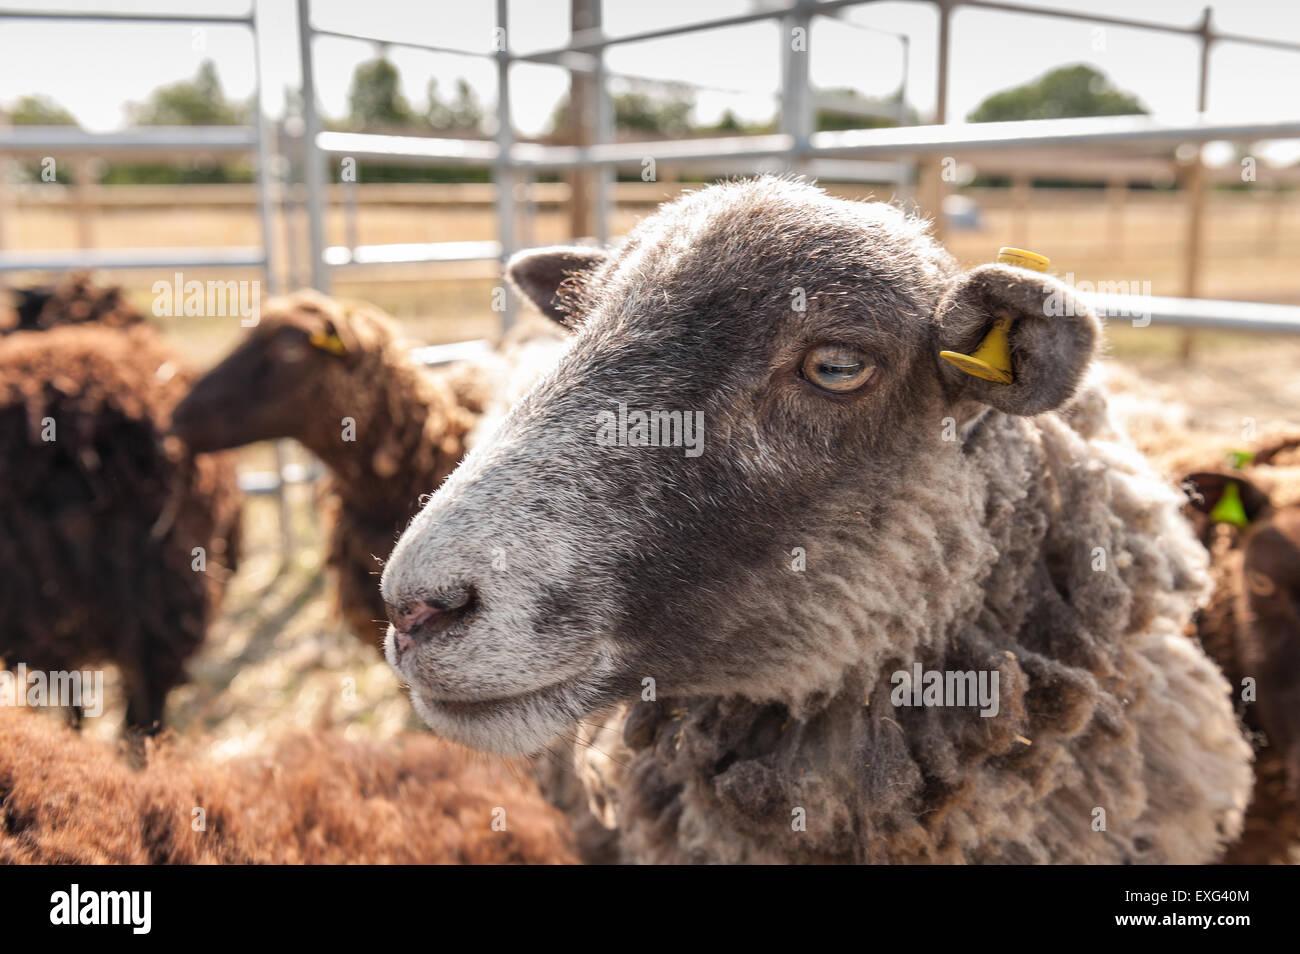 Noir gris et brun foncé moutons Shetland en attente prêt à la plume d'être cisaillé du regard et attentif de ce qui se passe à proximité Banque D'Images